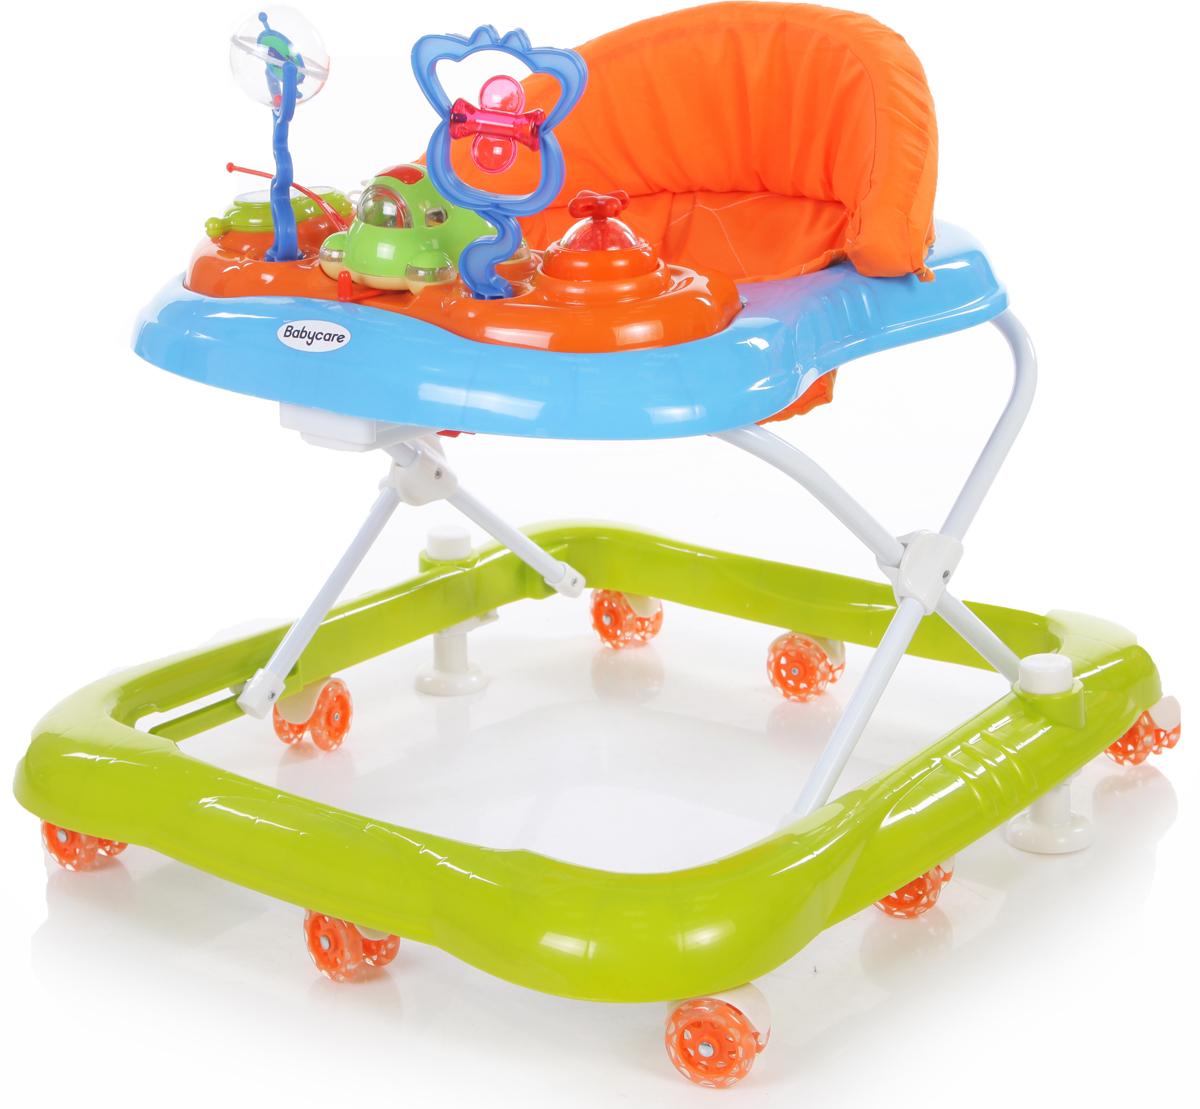 Ходунки Baby Care Mario, GL-800S, синий, зеленый цены онлайн